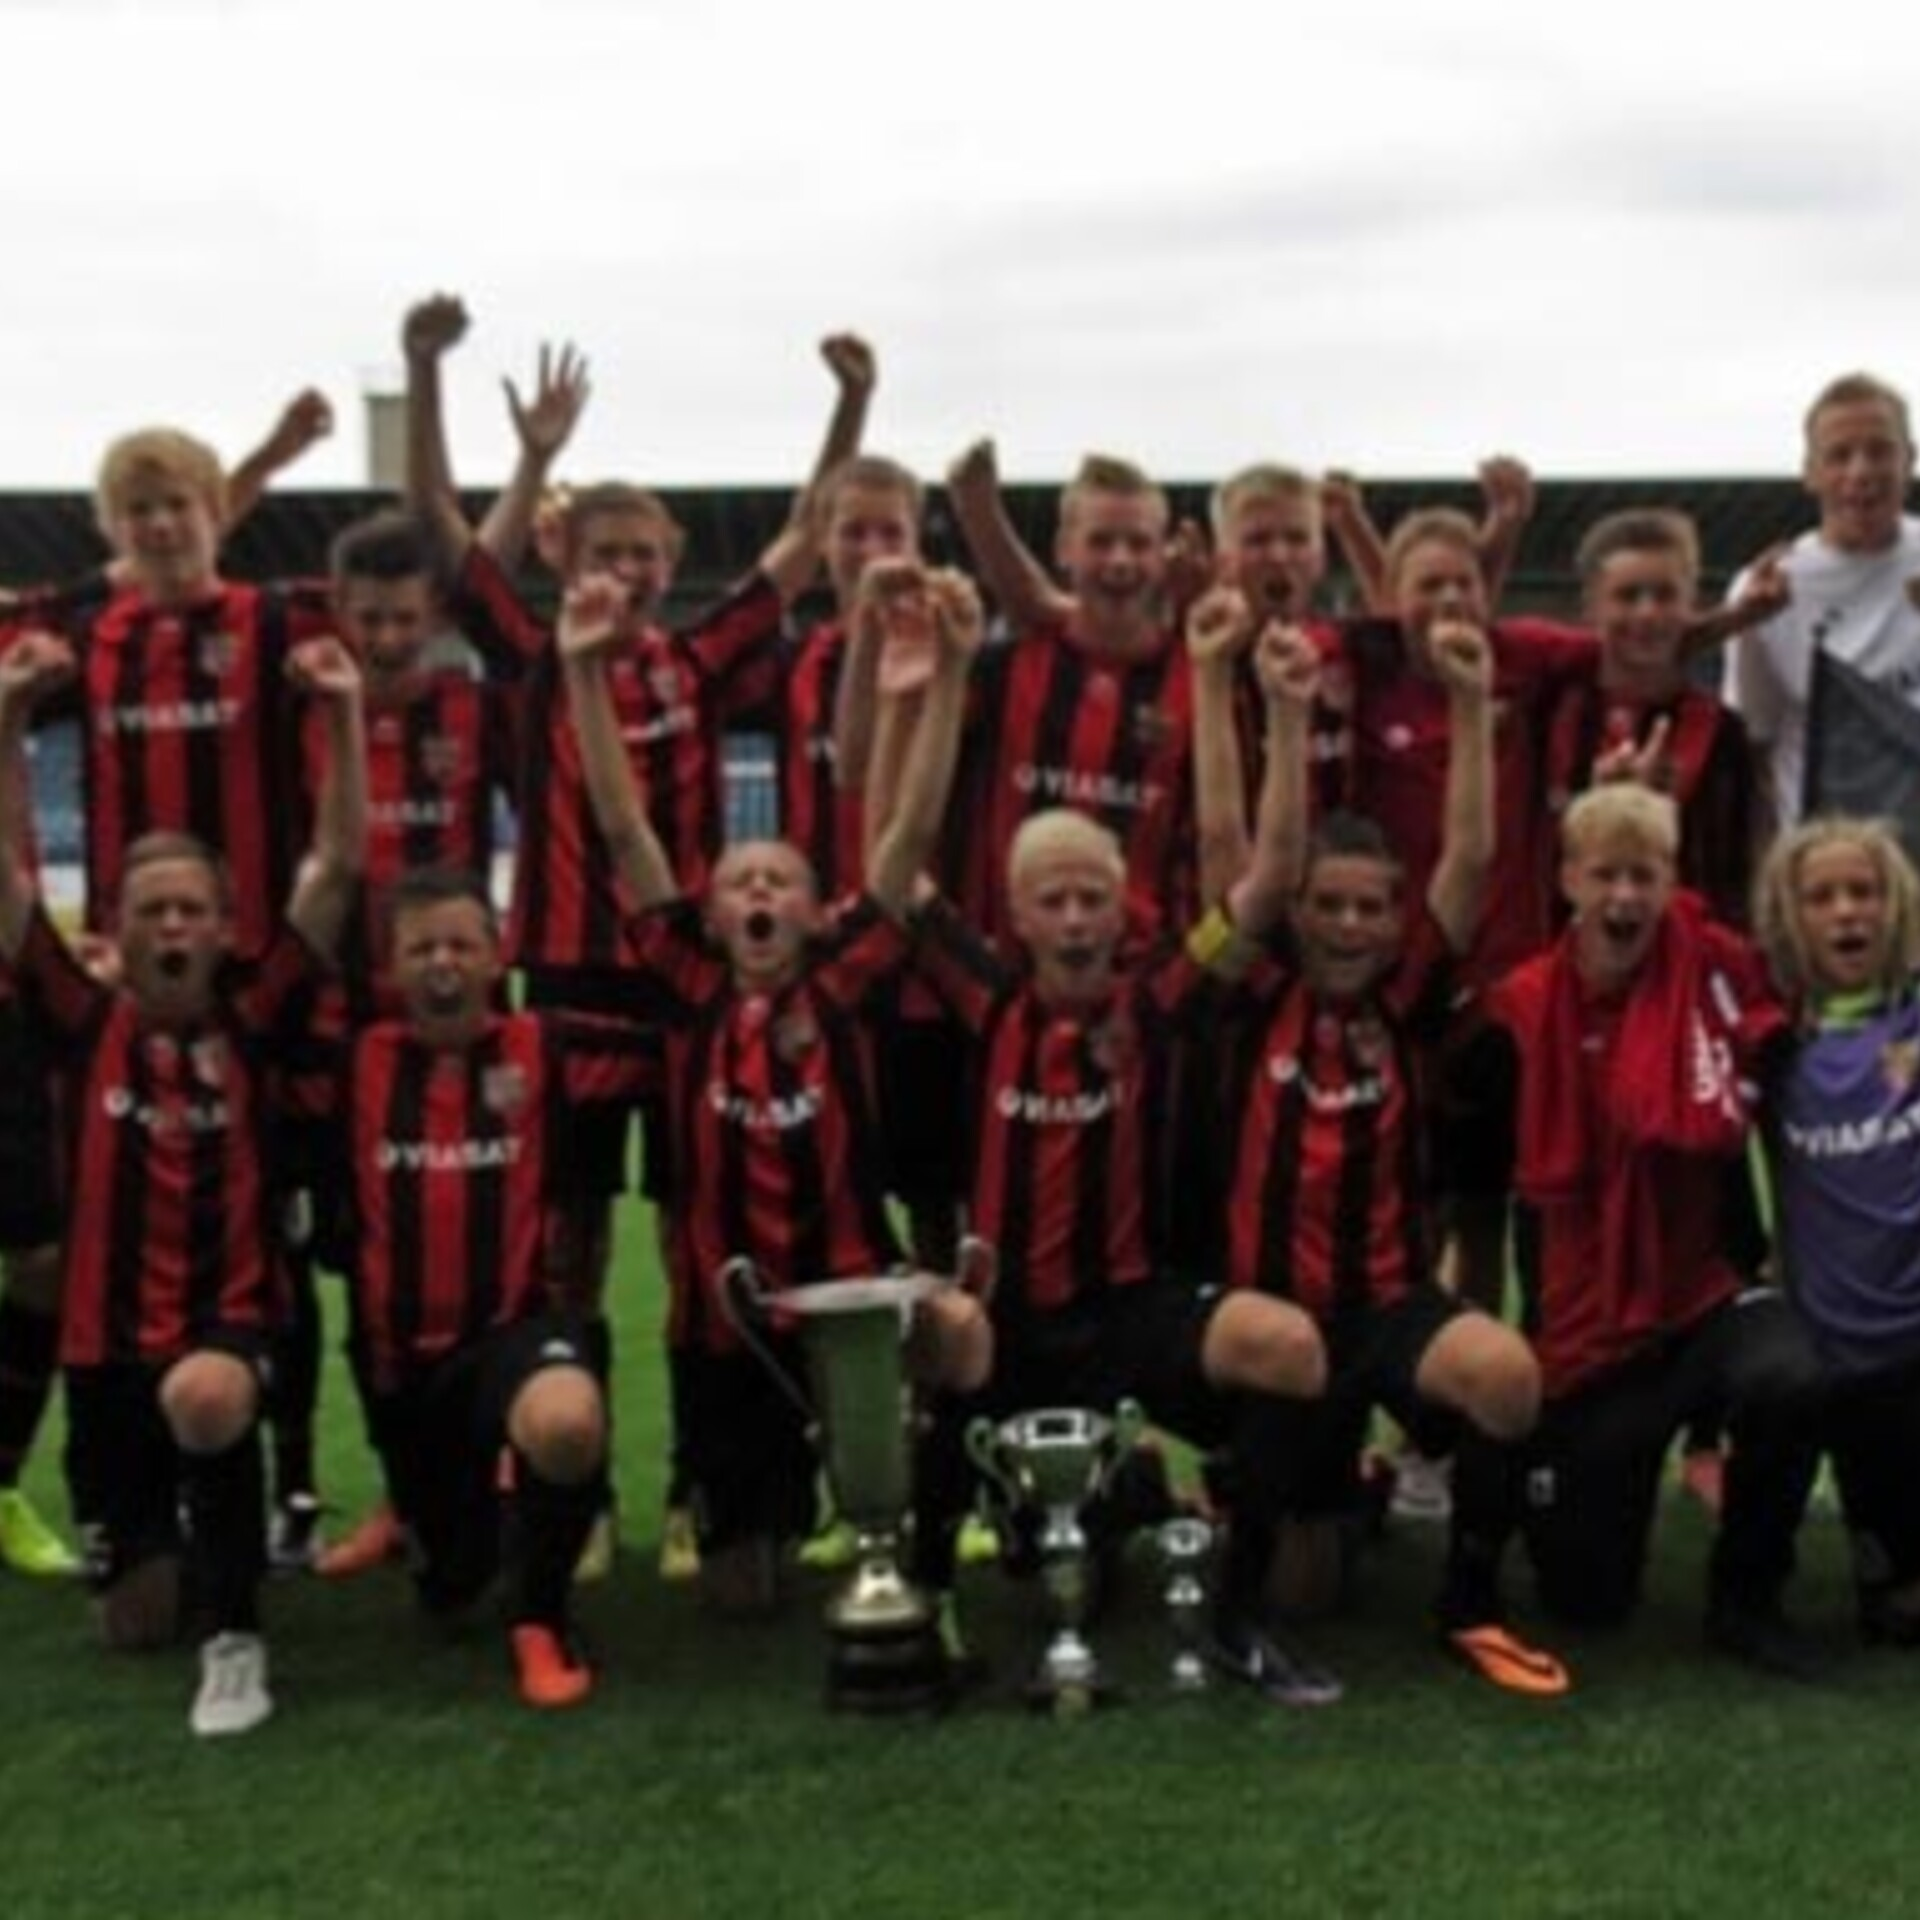 7c6cceece13 Nõmme Unitedi noored võitsid Soomes jalgpalliturniiri | Jalgpall | ERR